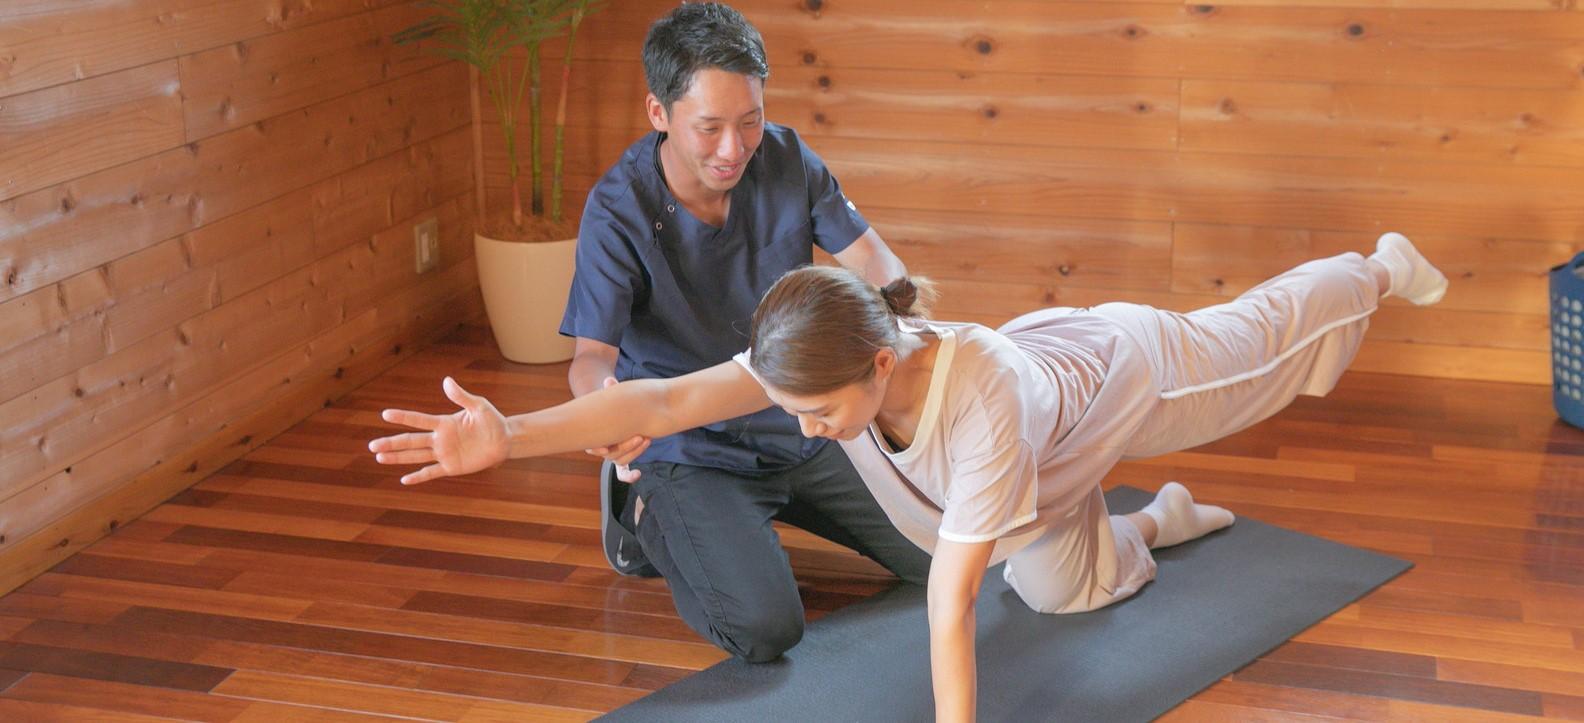 姿勢と動作の改善で